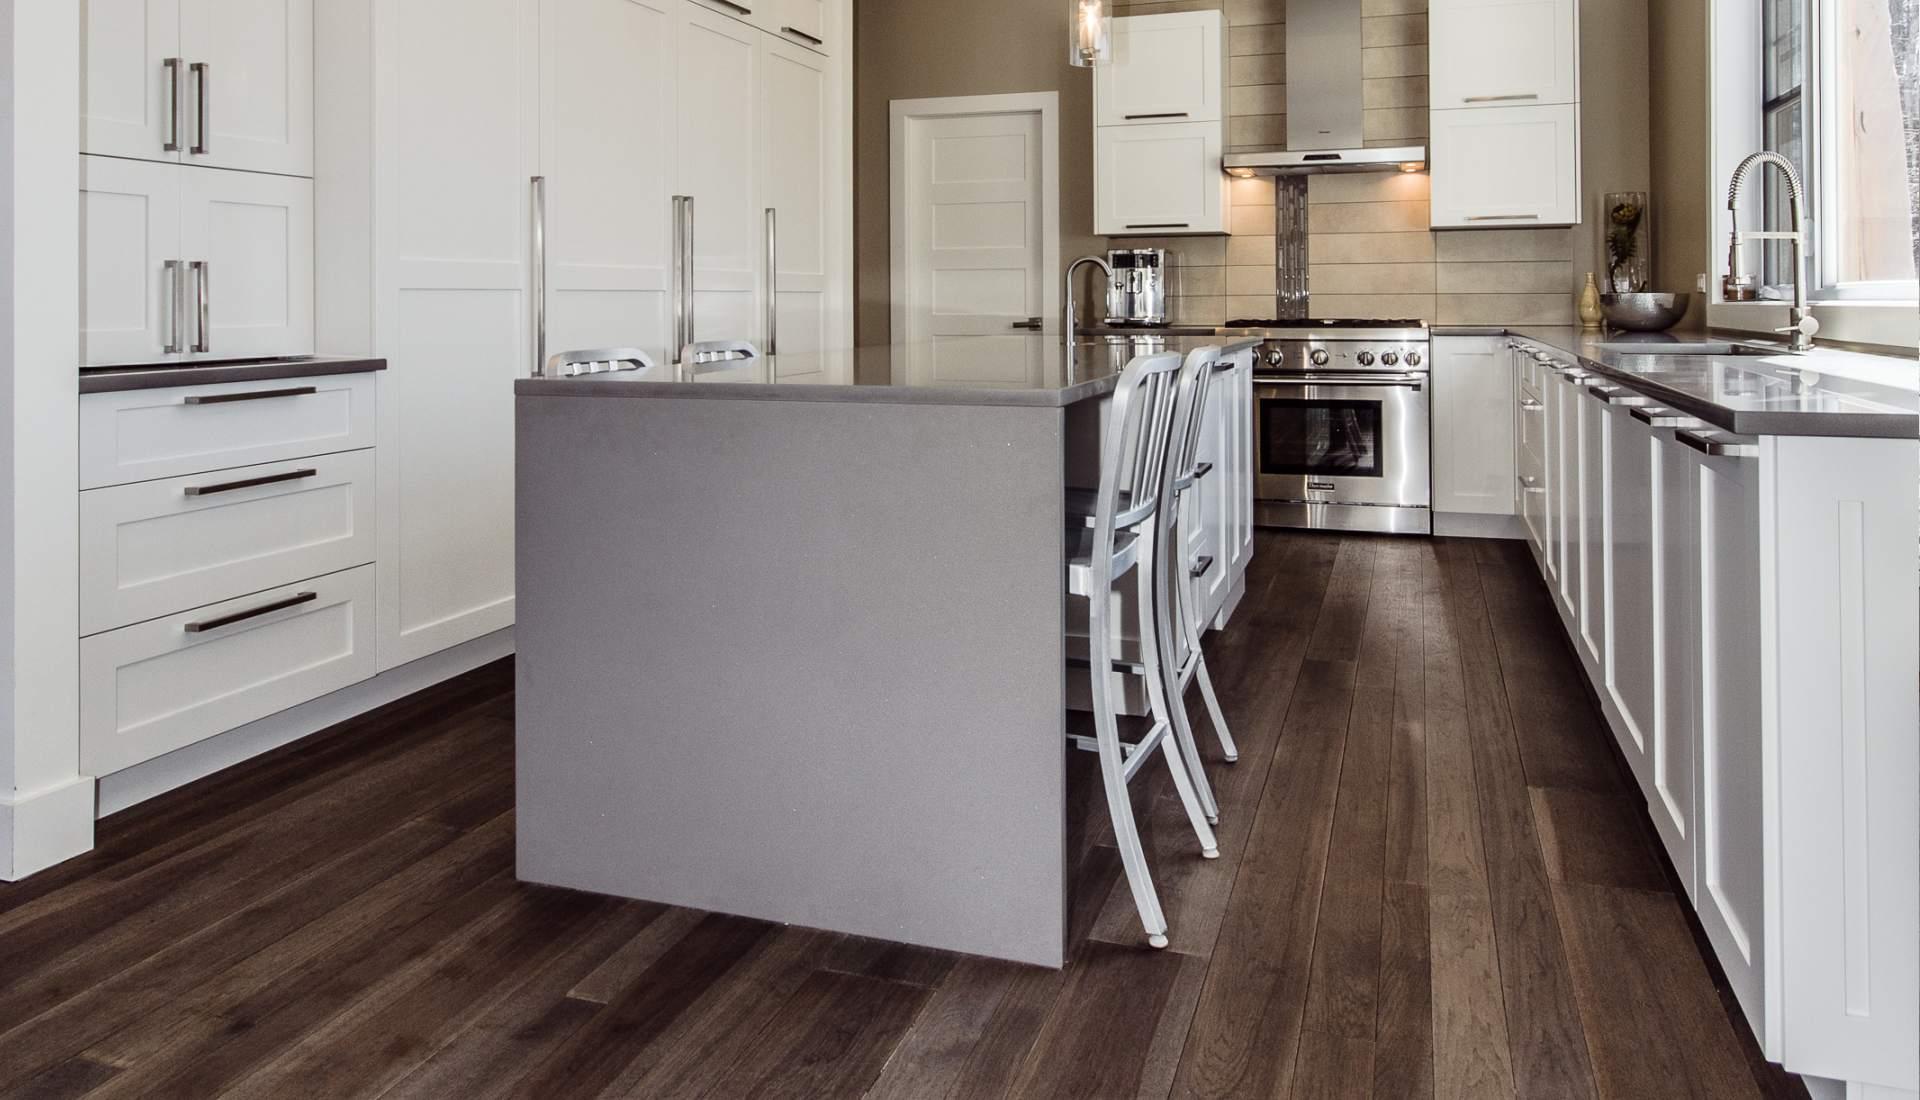 david gilbert plancher long et large photos 5. Black Bedroom Furniture Sets. Home Design Ideas